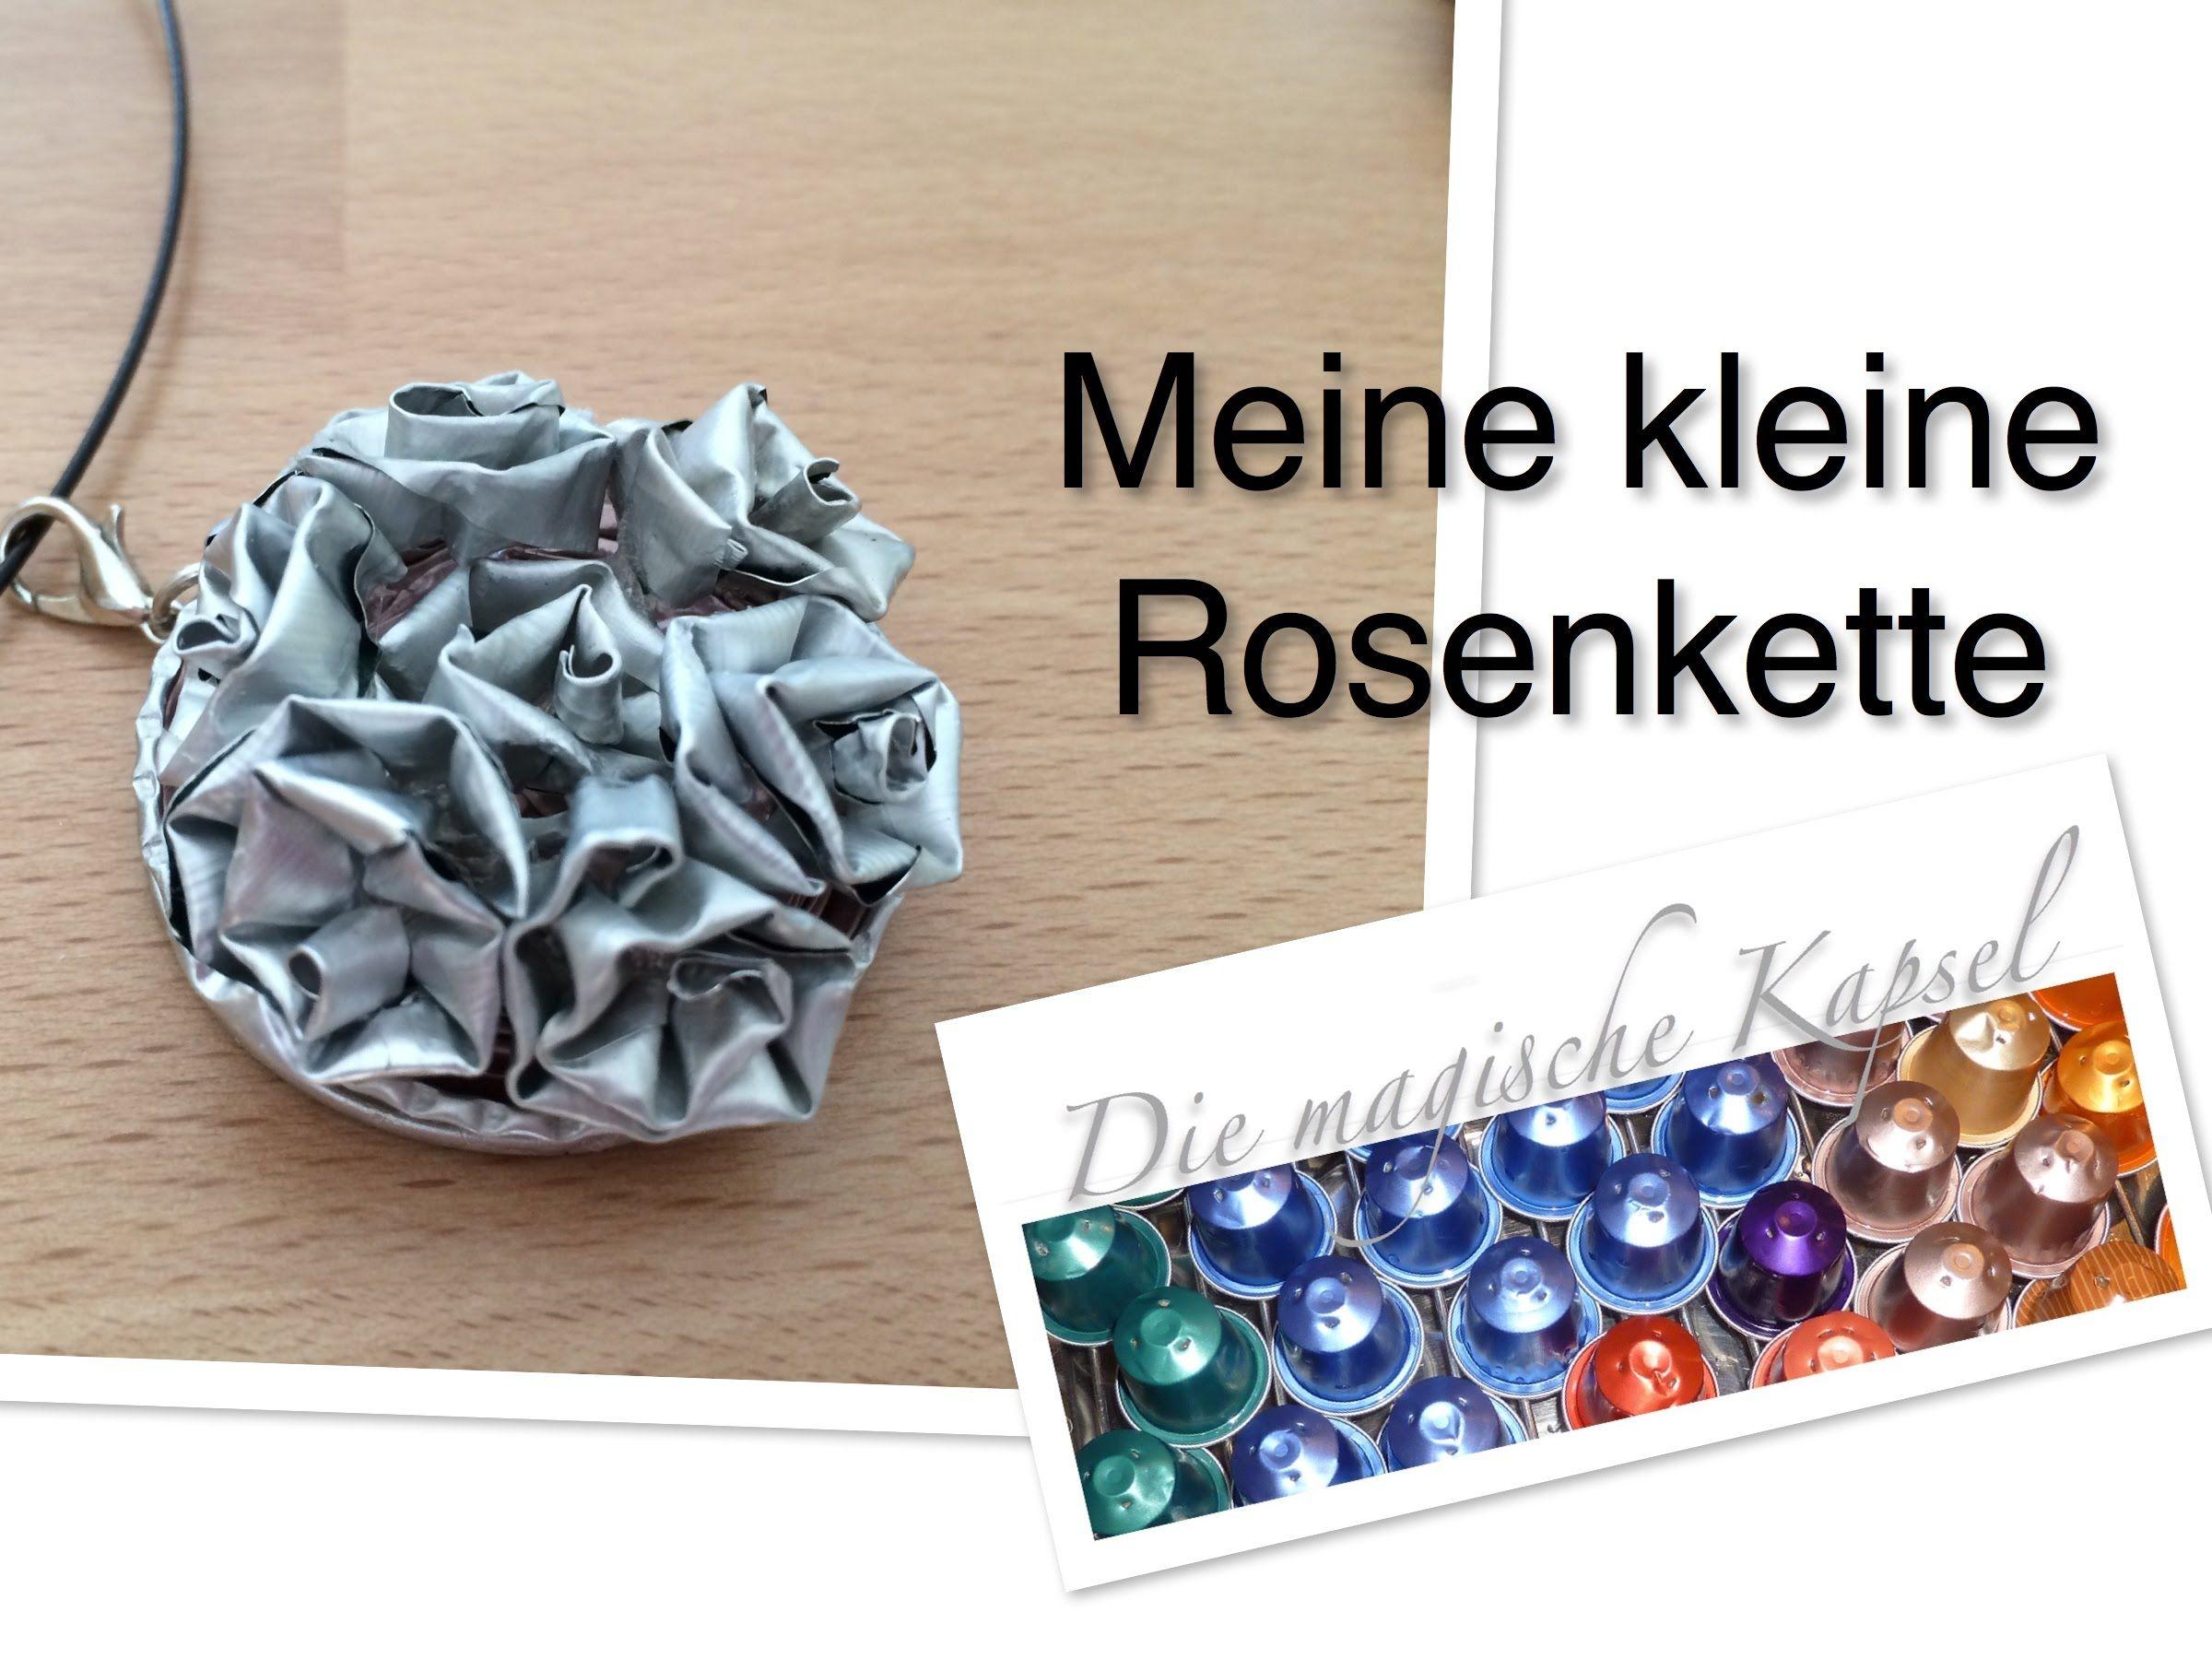 Upcycling Kapsel Schmuck Anleitung - meine kleine Rosenkette - die ...